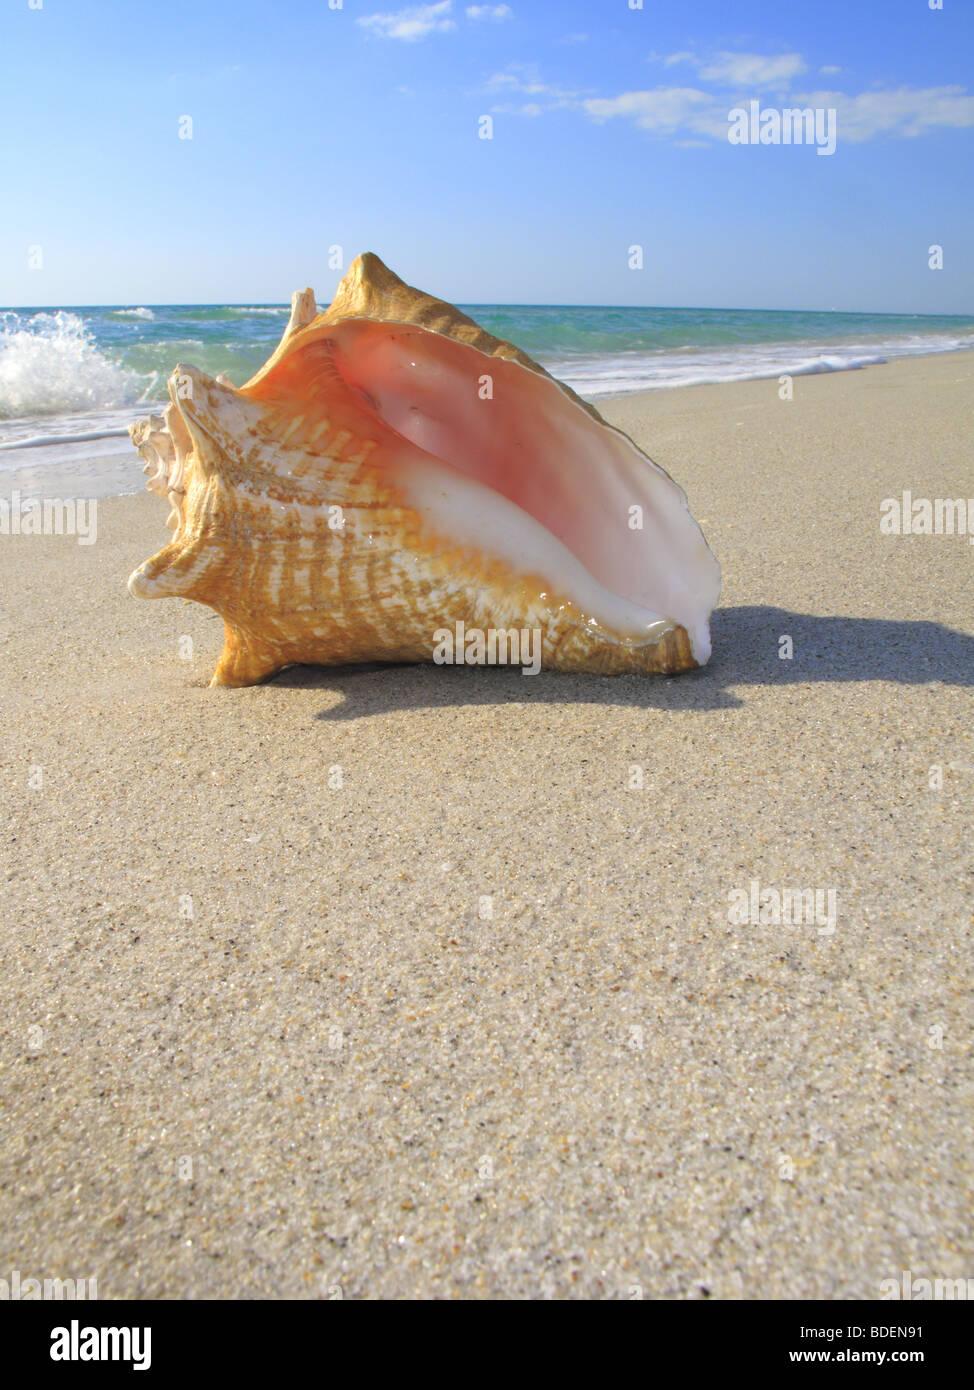 Reina caracola en la playa Imagen De Stock